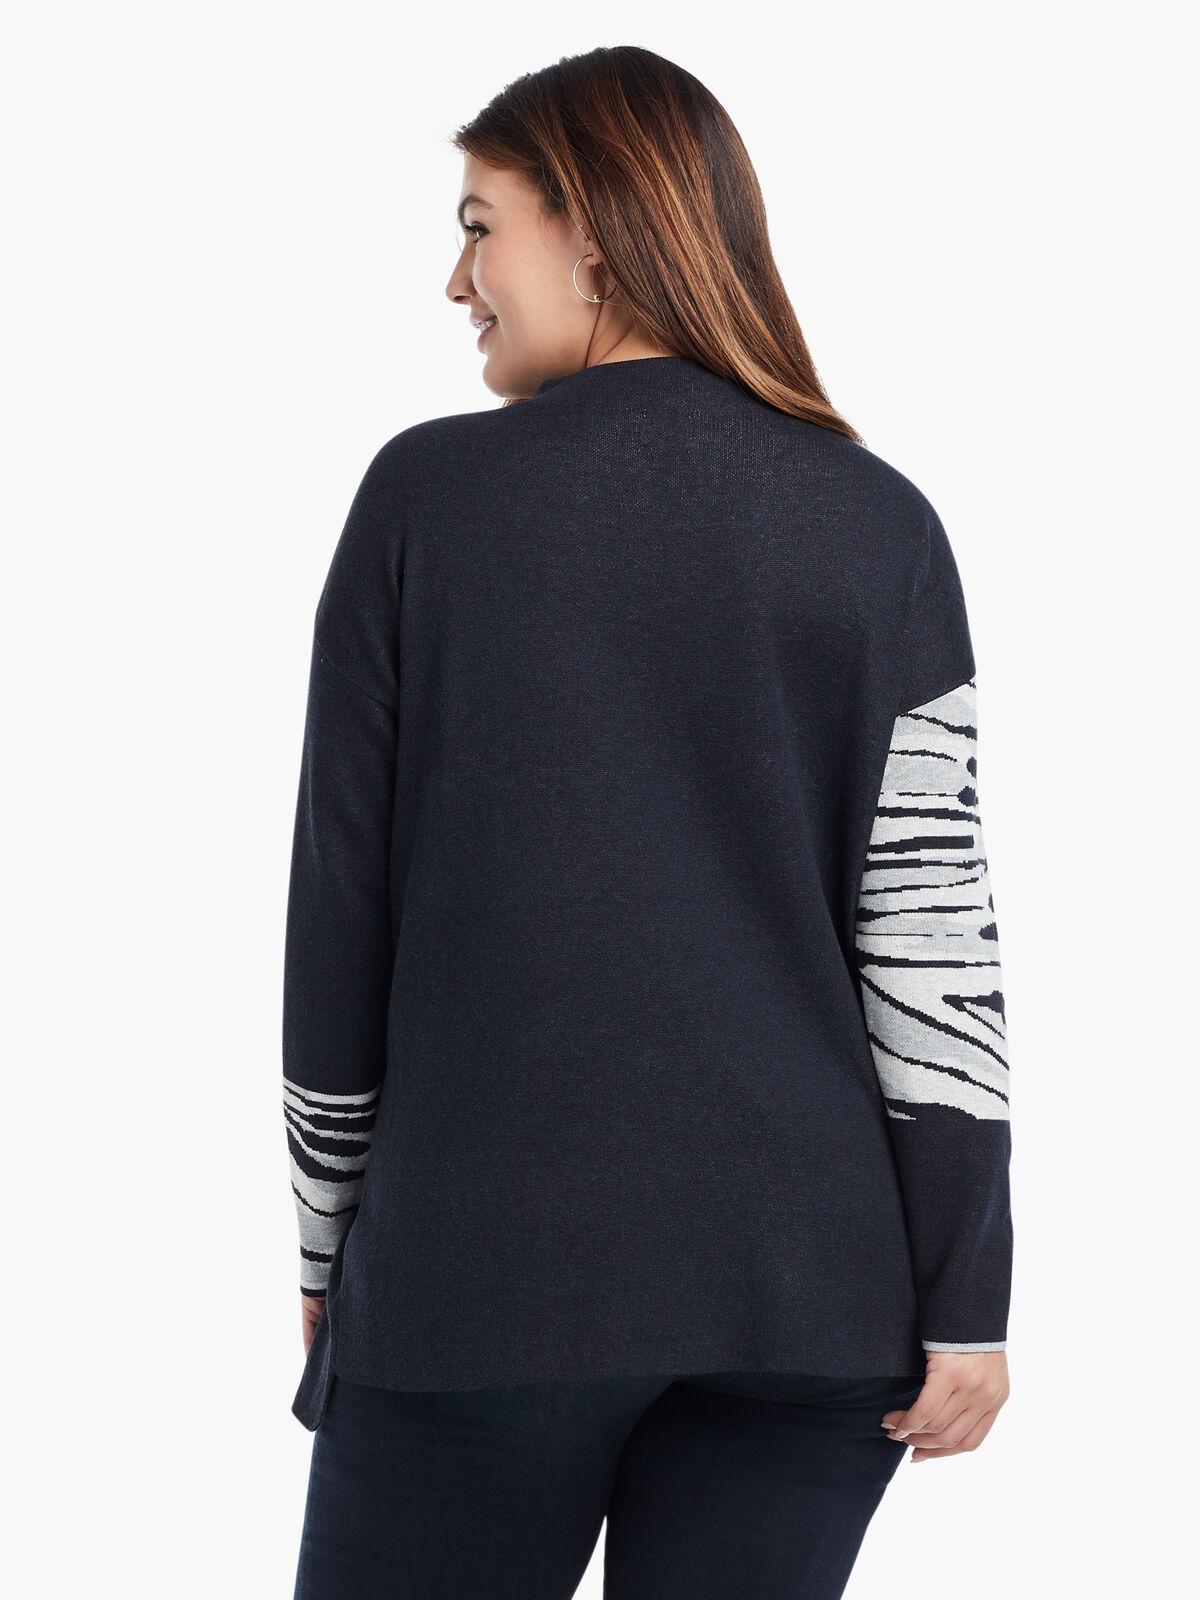 Tahoe Zip Sweater